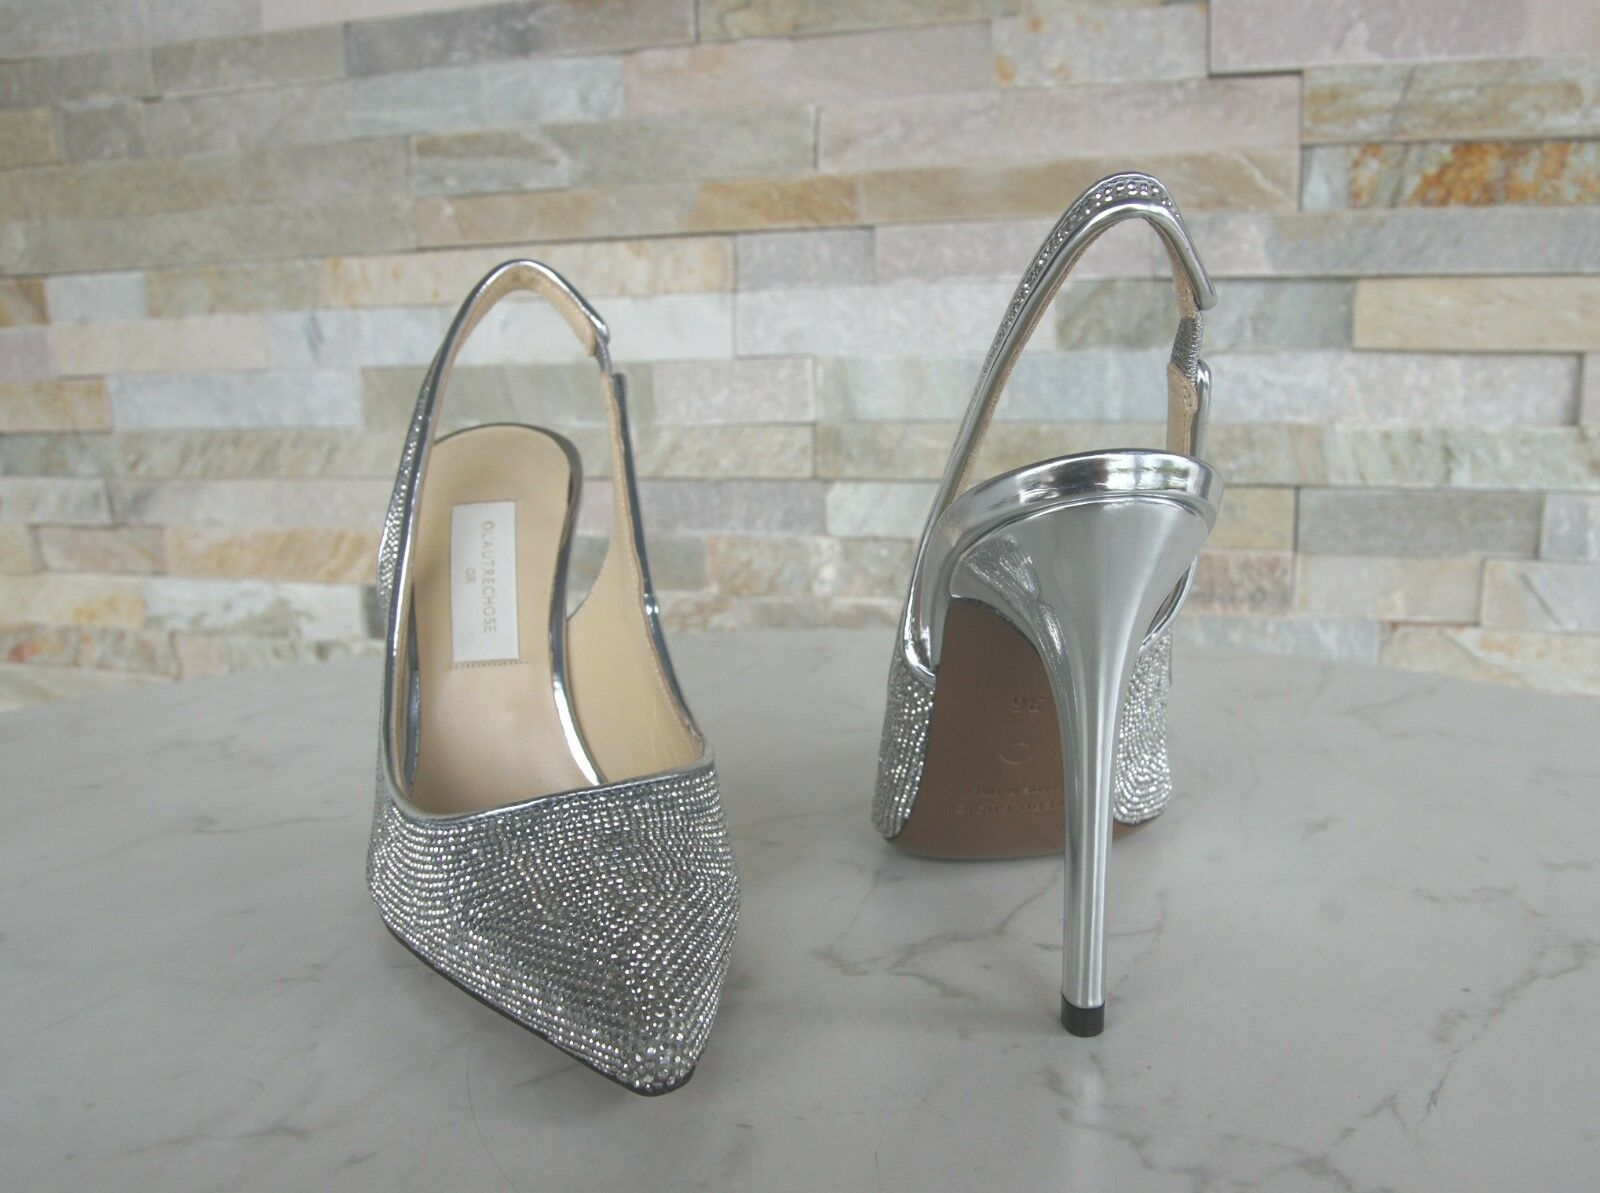 Orig L'AUTRE NEU CHOSE Gr 38 Pumps Slingpumps Schuhe Heels cristall NEU L'AUTRE 5ca678